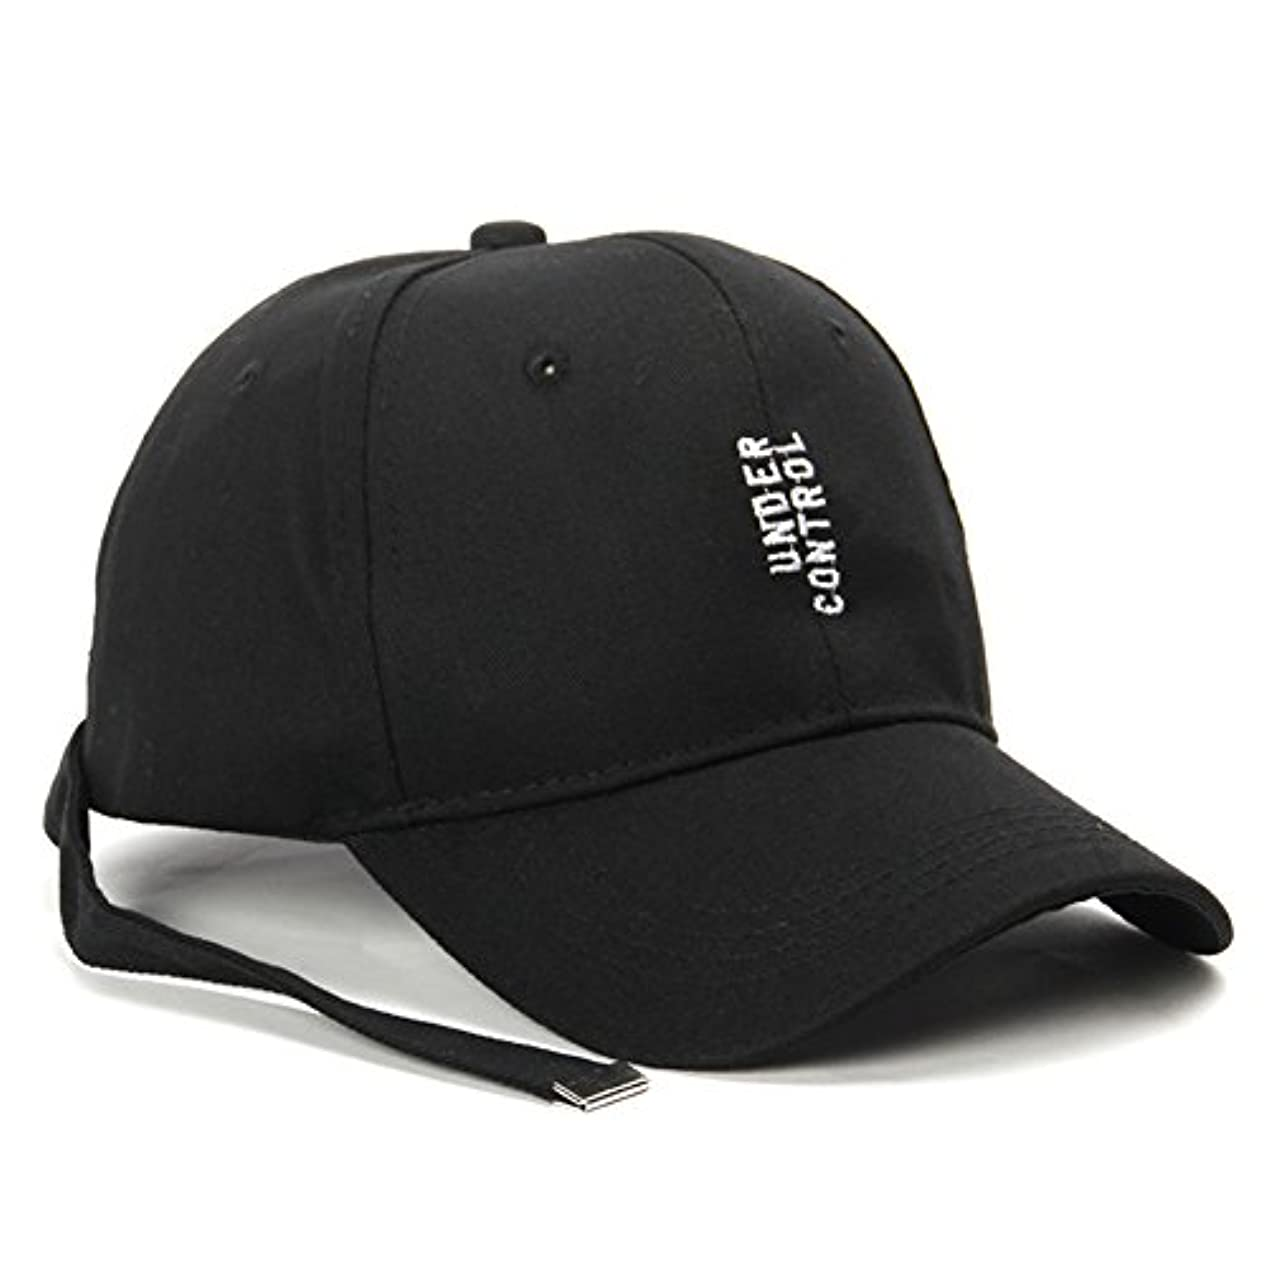 ギャンブル刈る接続されたユニセックスアルファベット刺繍野球帽子ヒップホップキャップwith a longテープリボンベルトfor Boy Girl